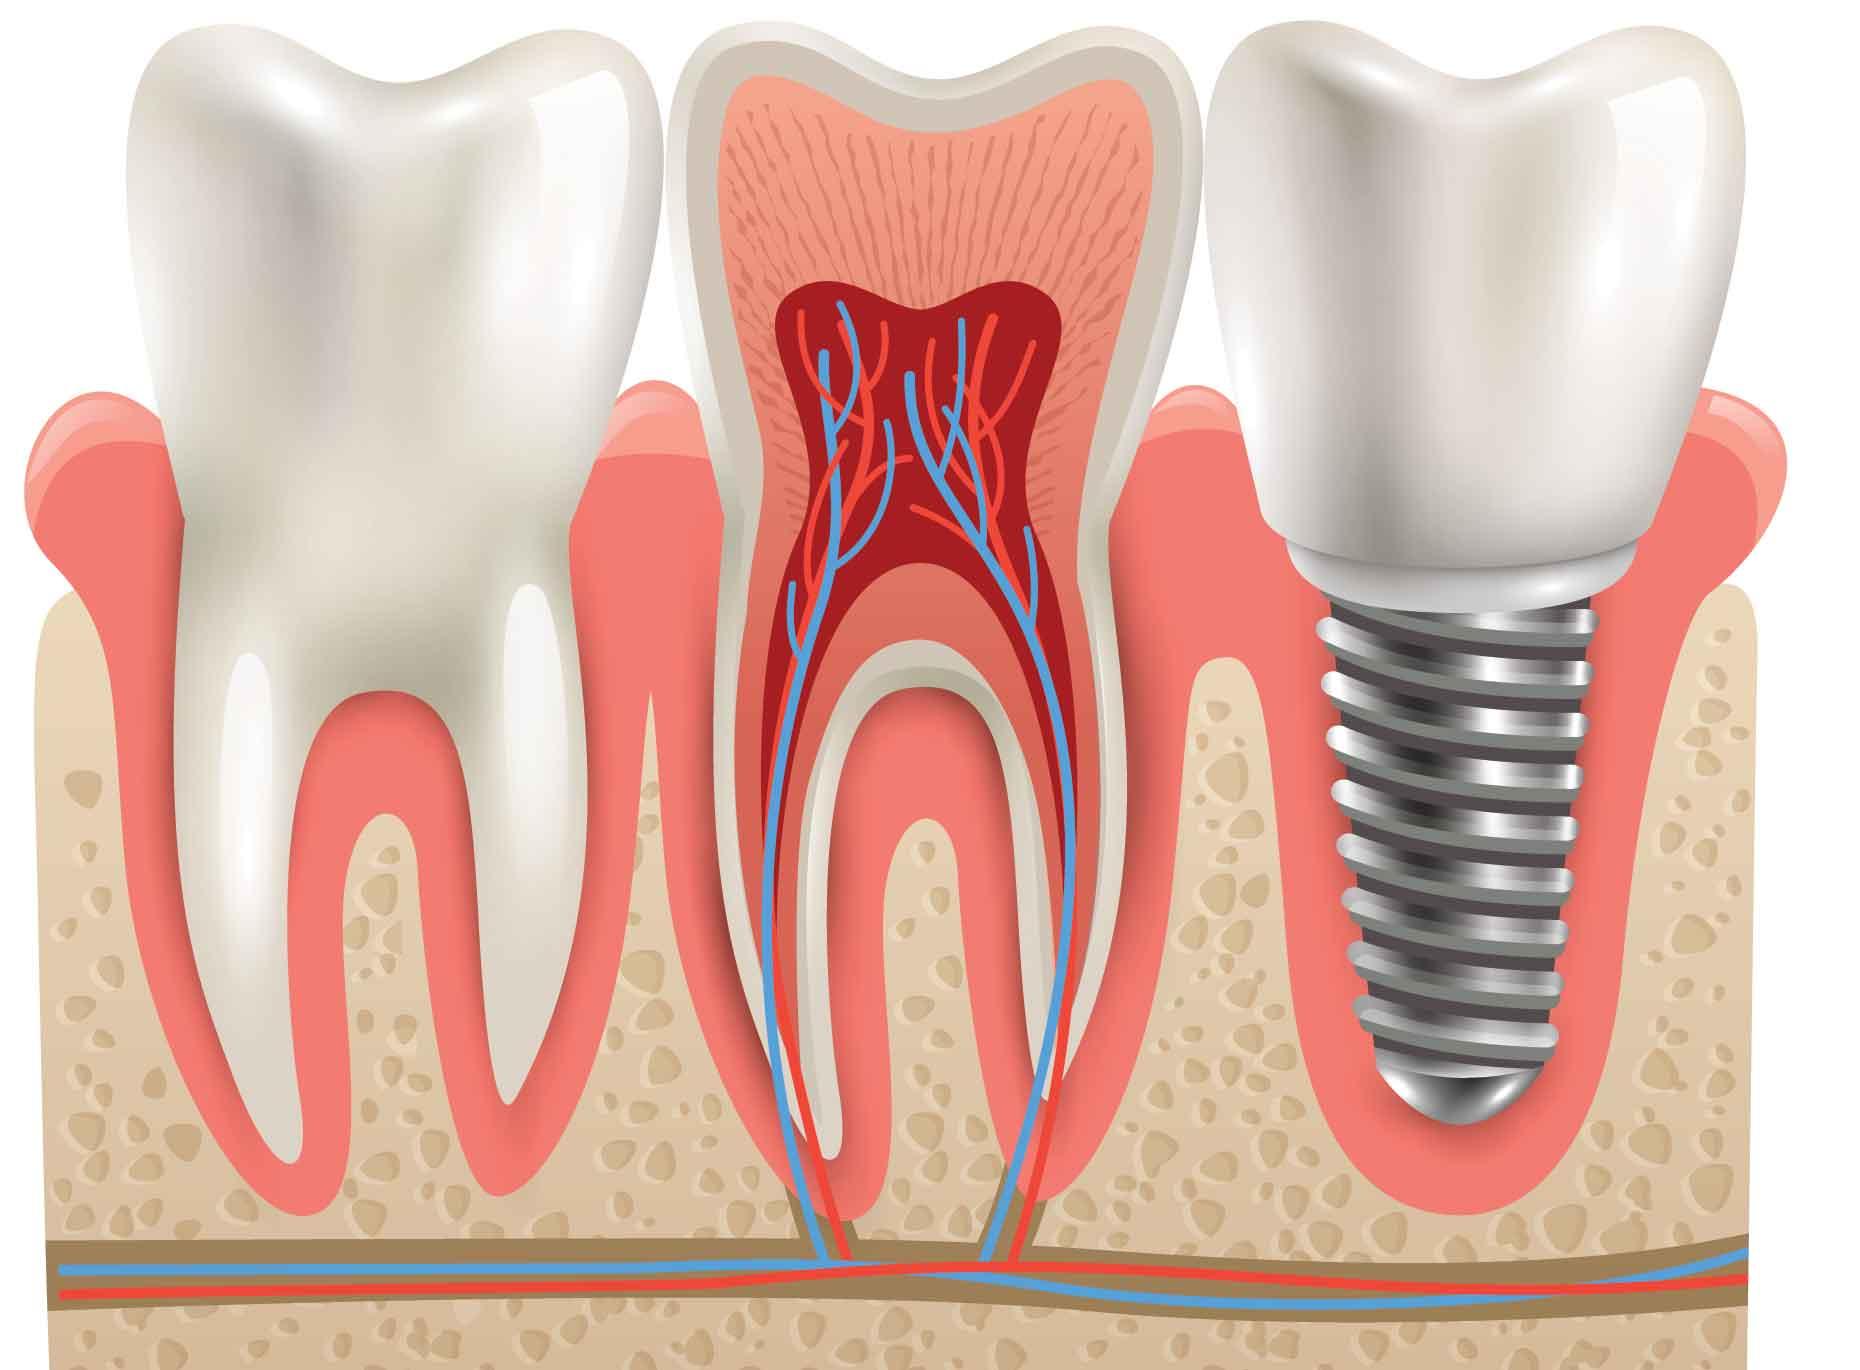 سیستم دهانی و دندانی بیمار